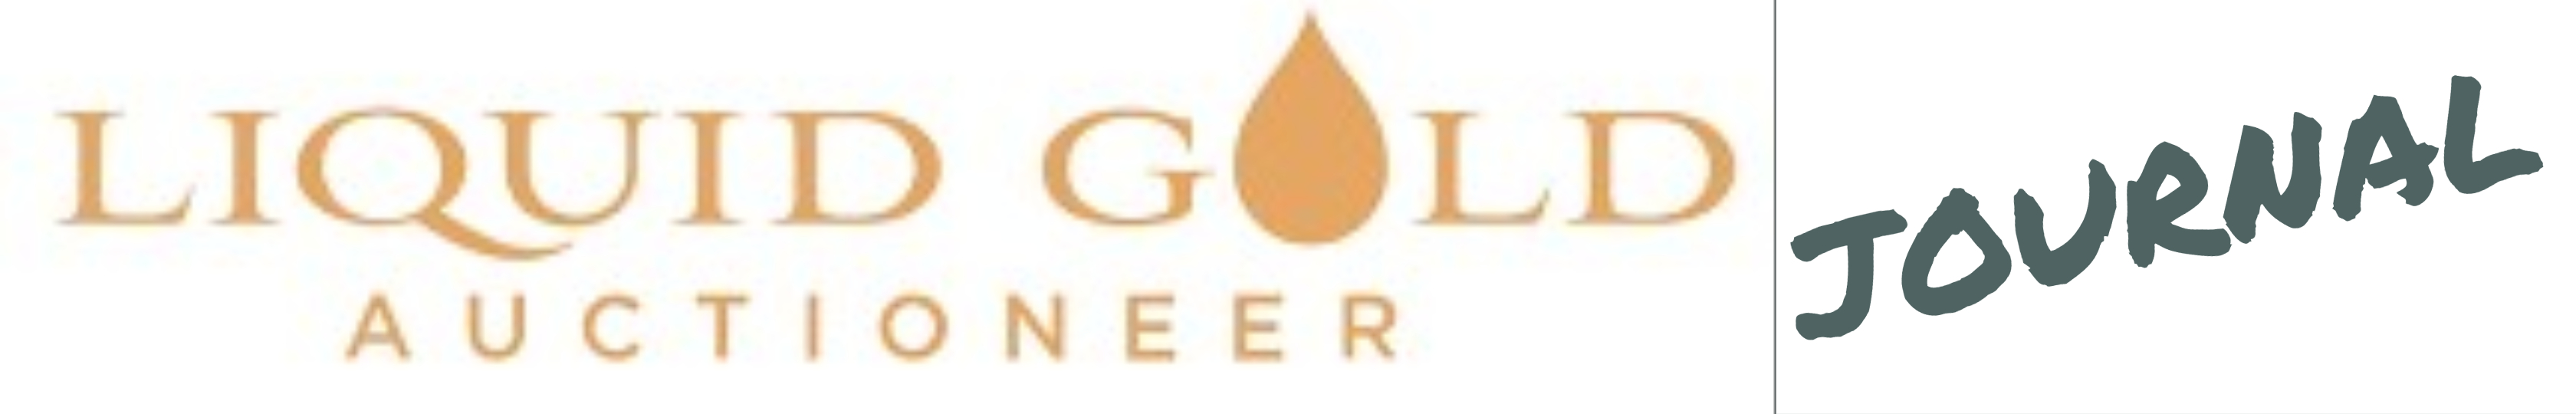 Liquid Gold Auctioneer logo